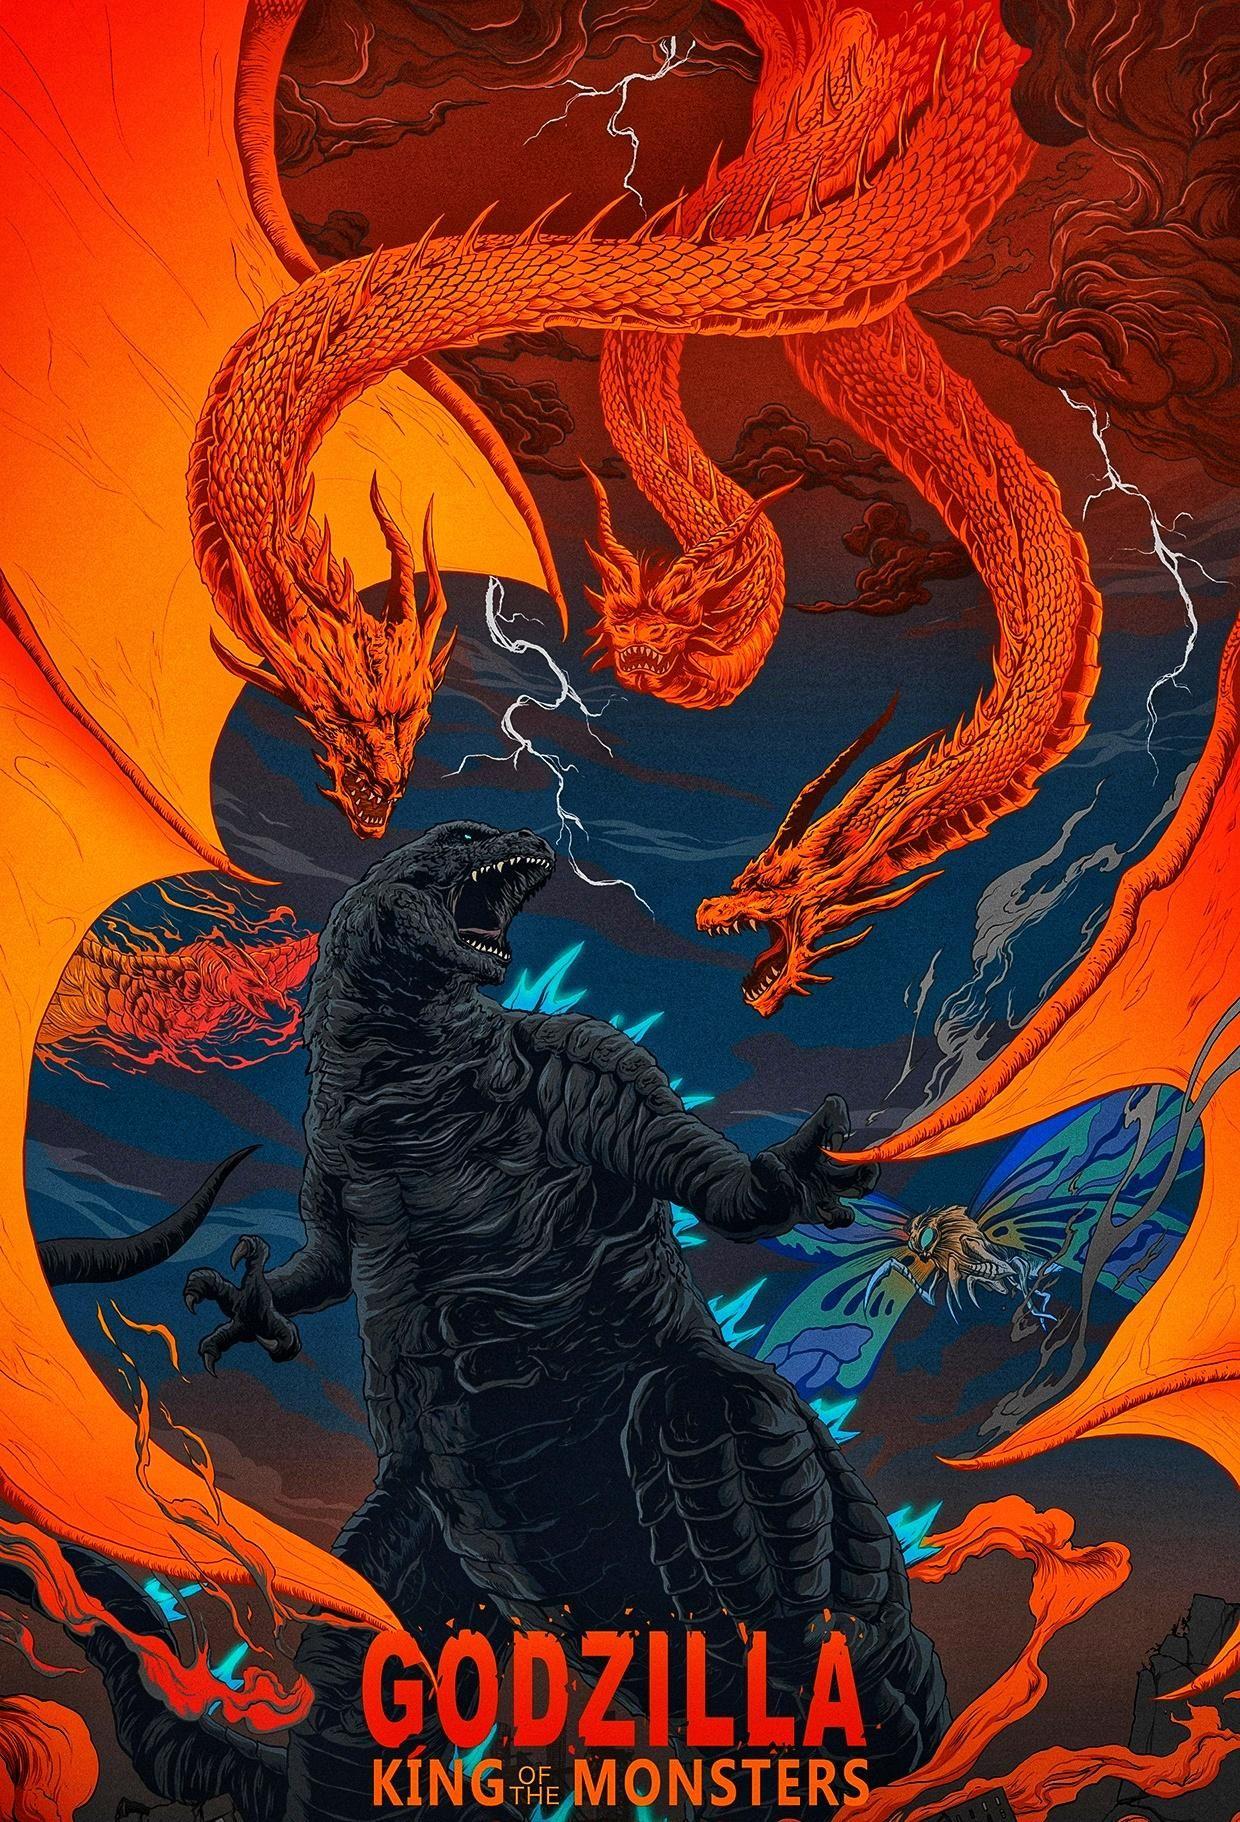 Godzilla King Of The Monsters 2019 12401822 Godzilla Wallpaper All Godzilla Monsters Godzilla Buenas tardes, hoy les traigo una posible filtración que ya estaba en reddit, la cual me la paso un subscriptor. godzilla king of the monsters 2019